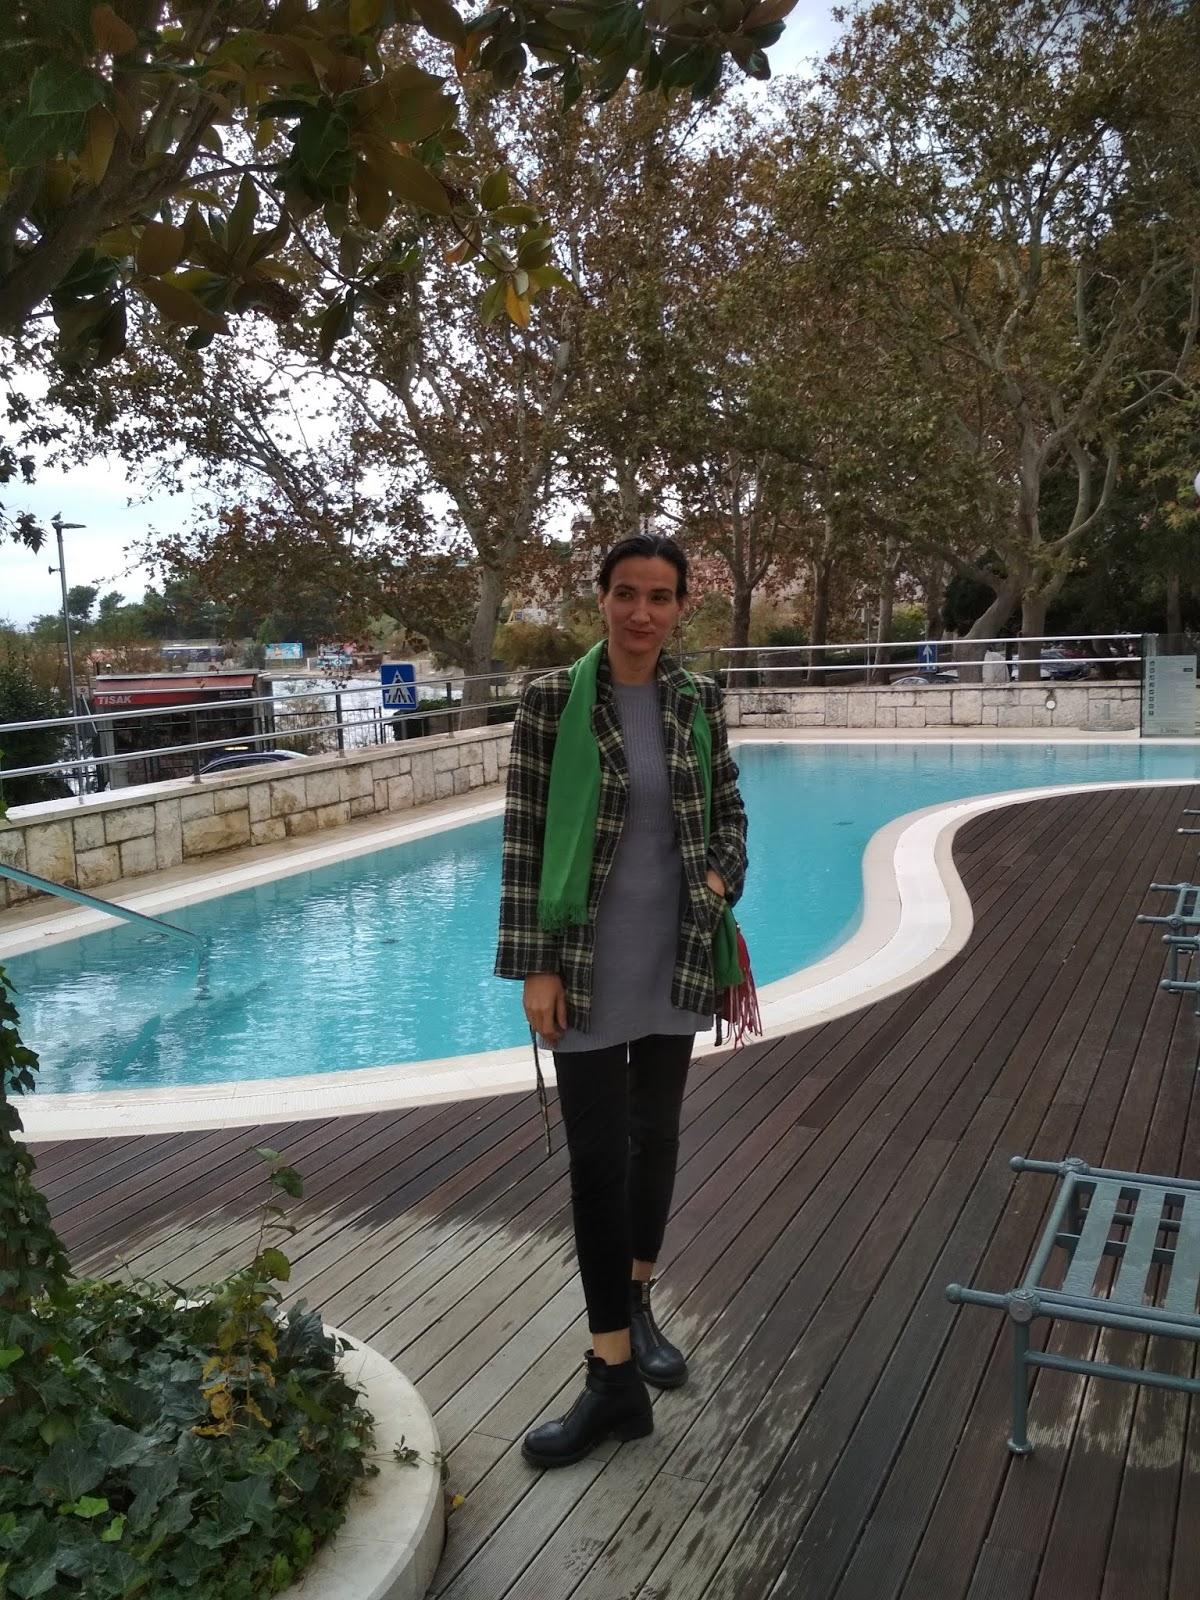 #fashionandlifestyleblog #blogger #split